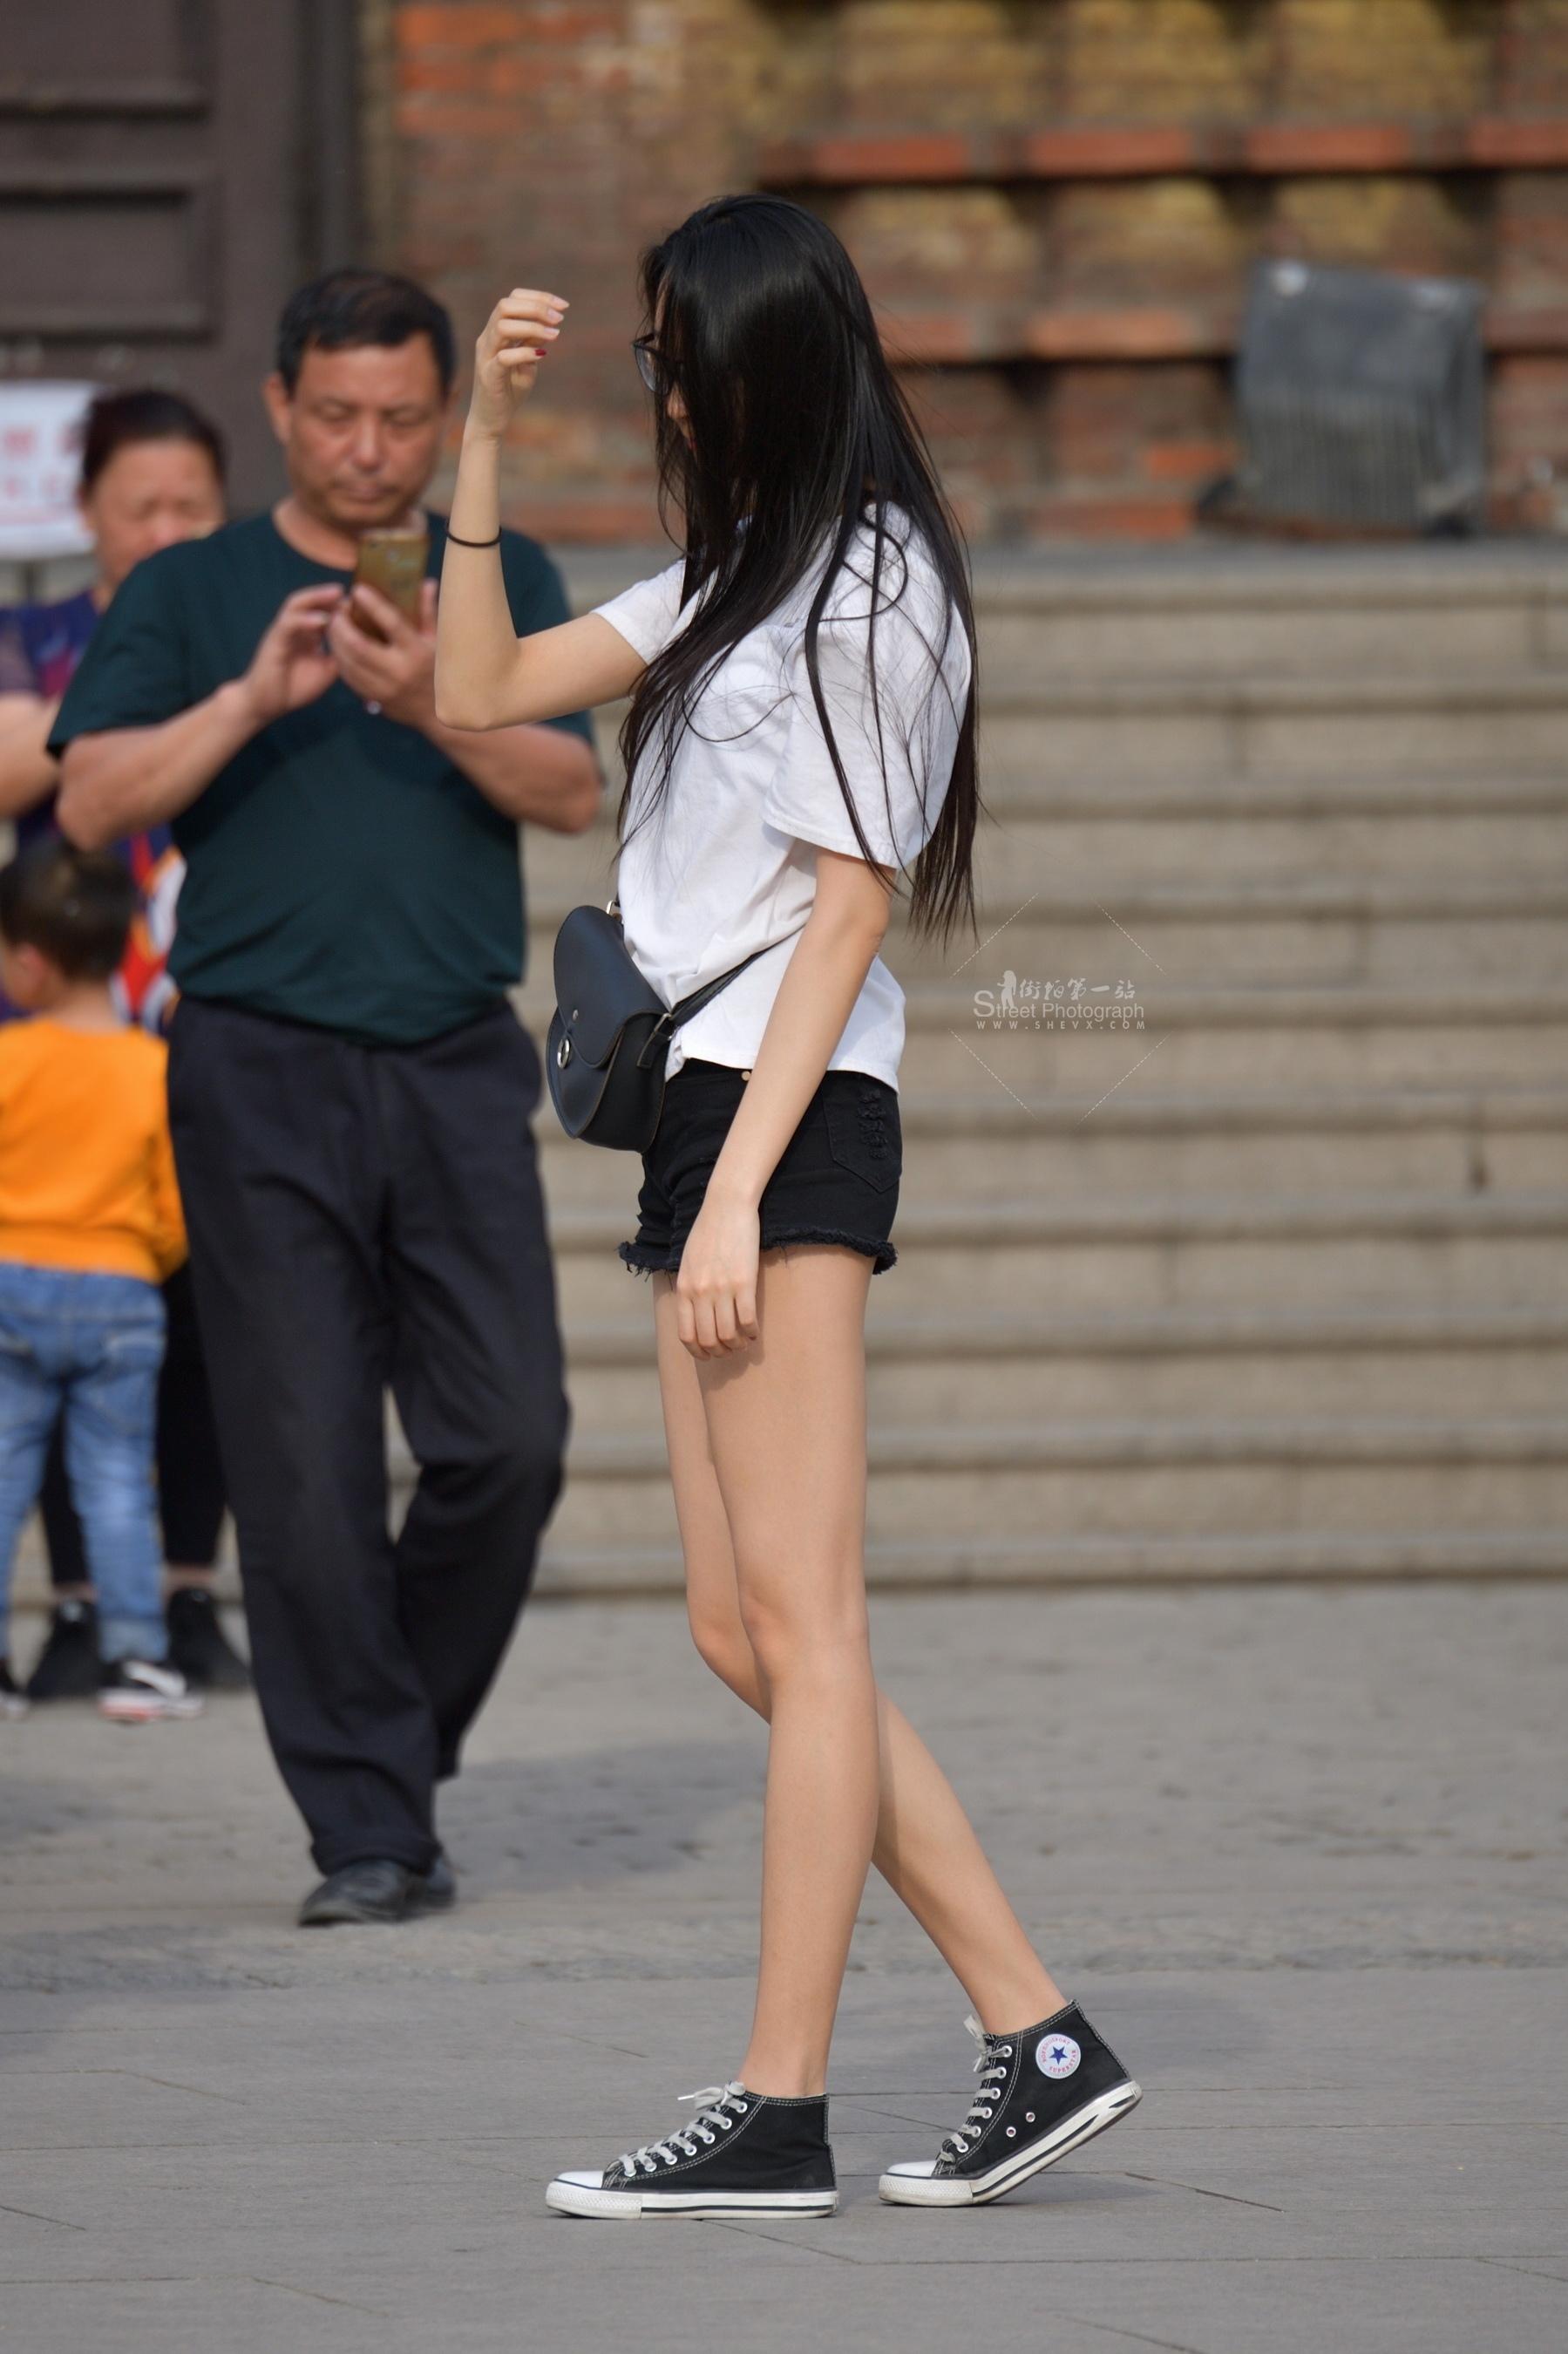 街拍短裤,街拍长腿 长发长腿 短裤 街拍美女图片发布 街拍丝袜第一站